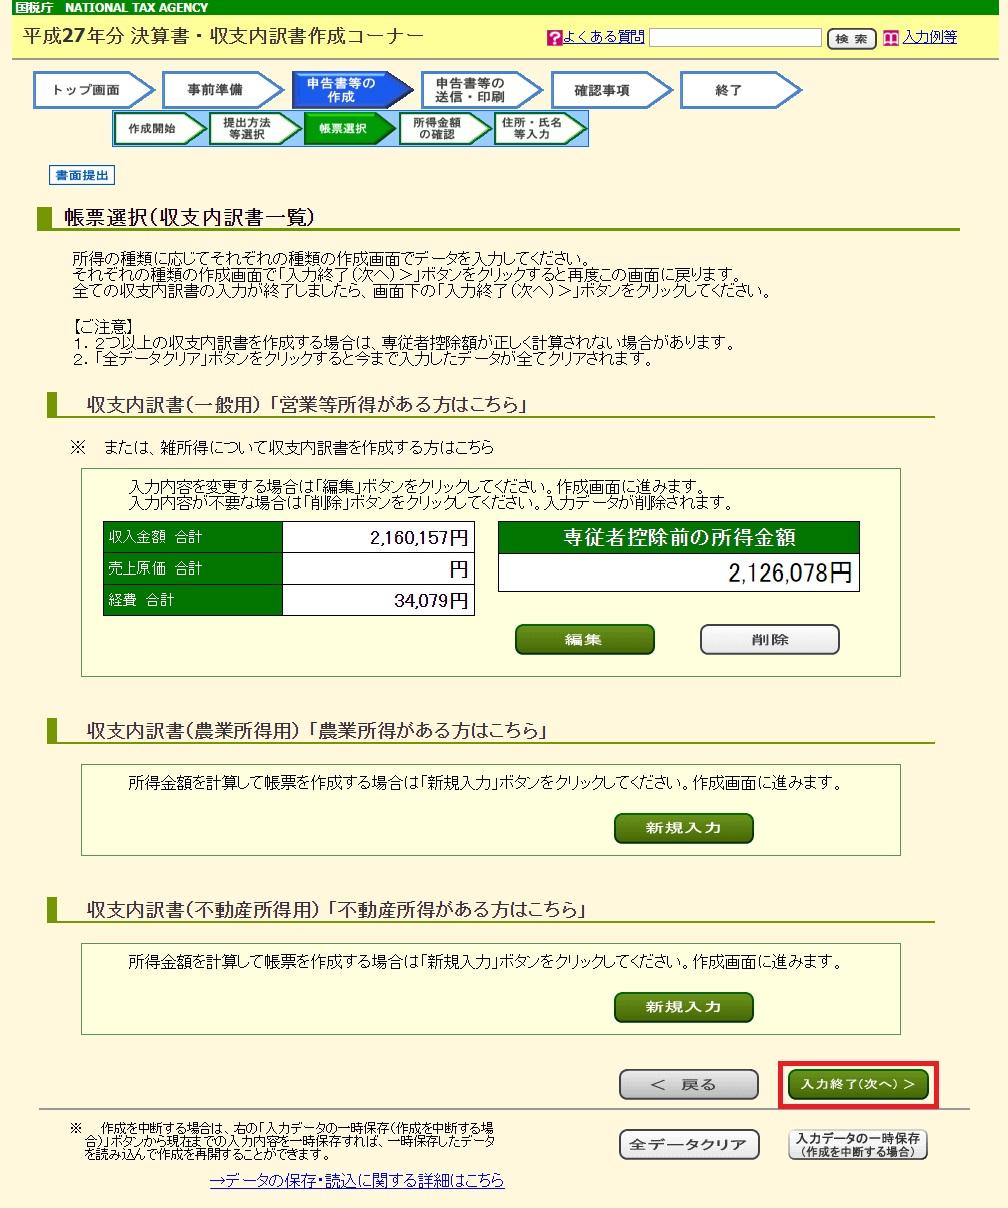 ワニ銀確定申告税務署ホームページ11